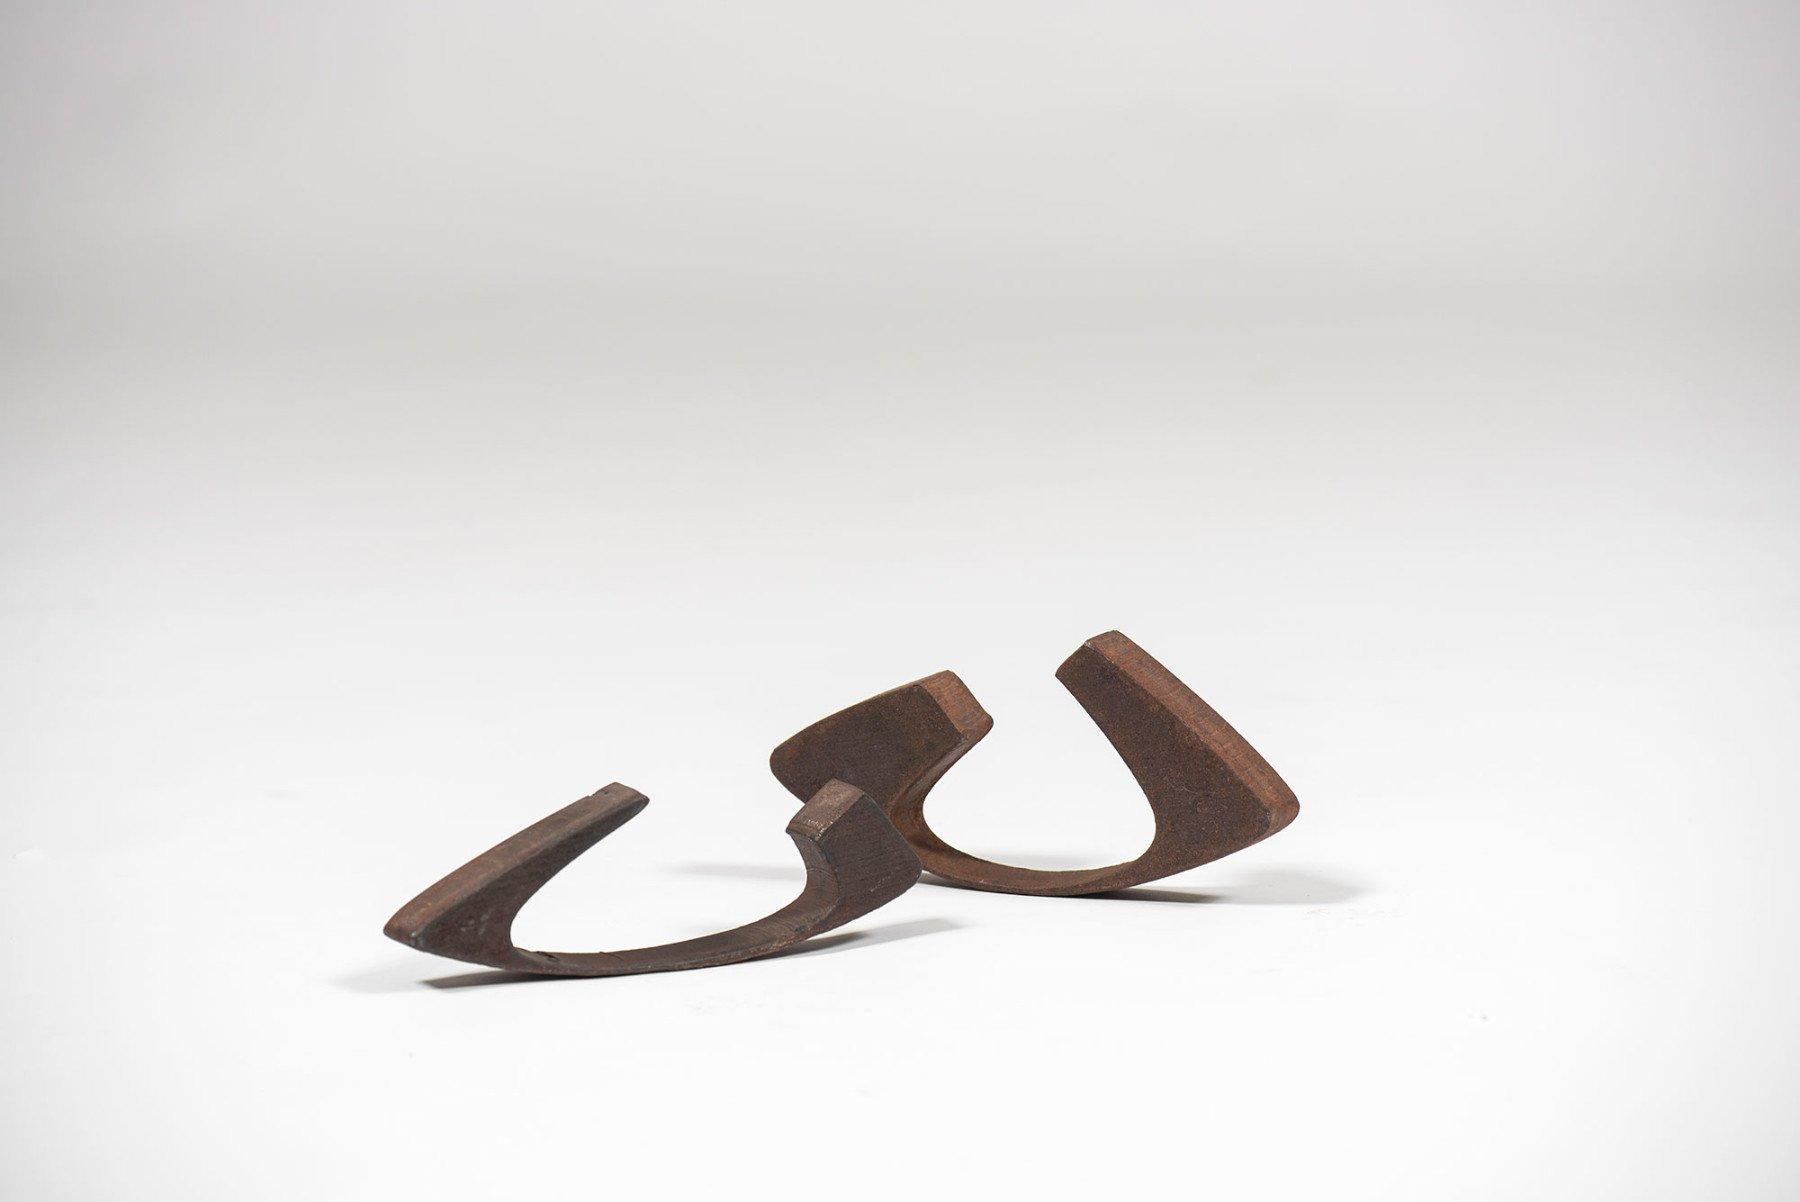 Angelo Mangiarotti |   Equilibrio Gravitazionale - prototype sculptures